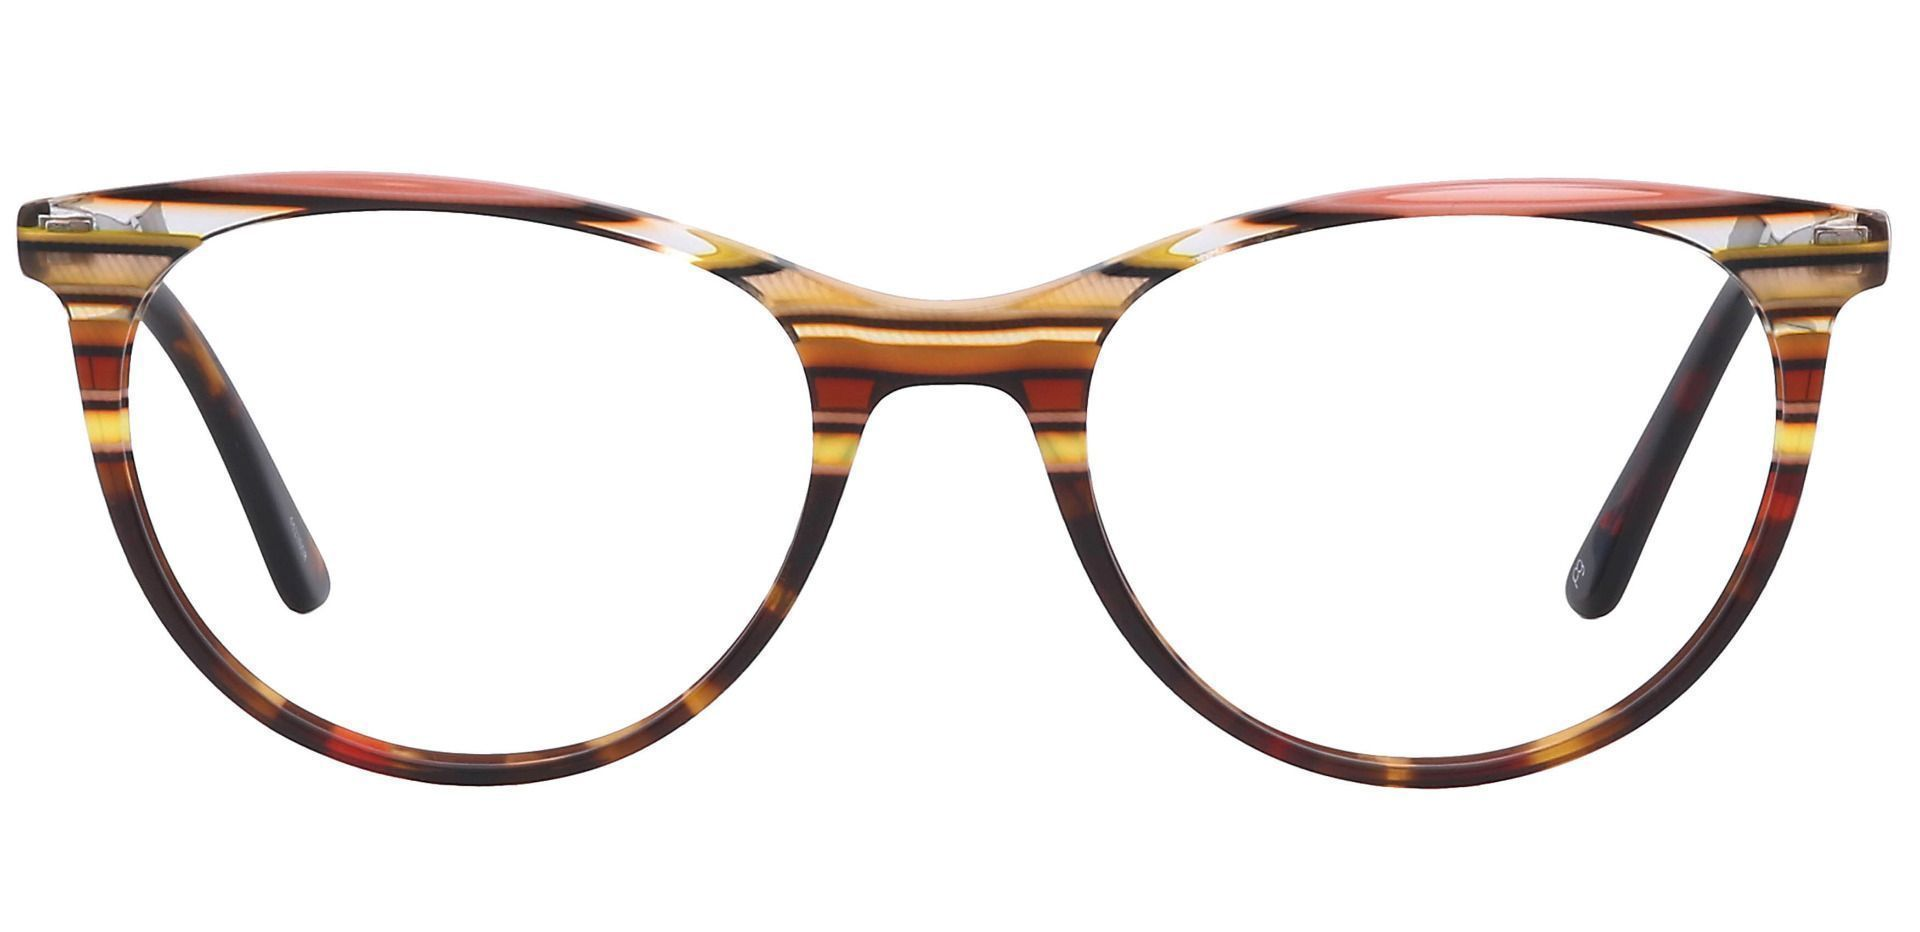 Patagonia Oval Prescription Glasses - Multicolored Brown Stripes  Multicolor